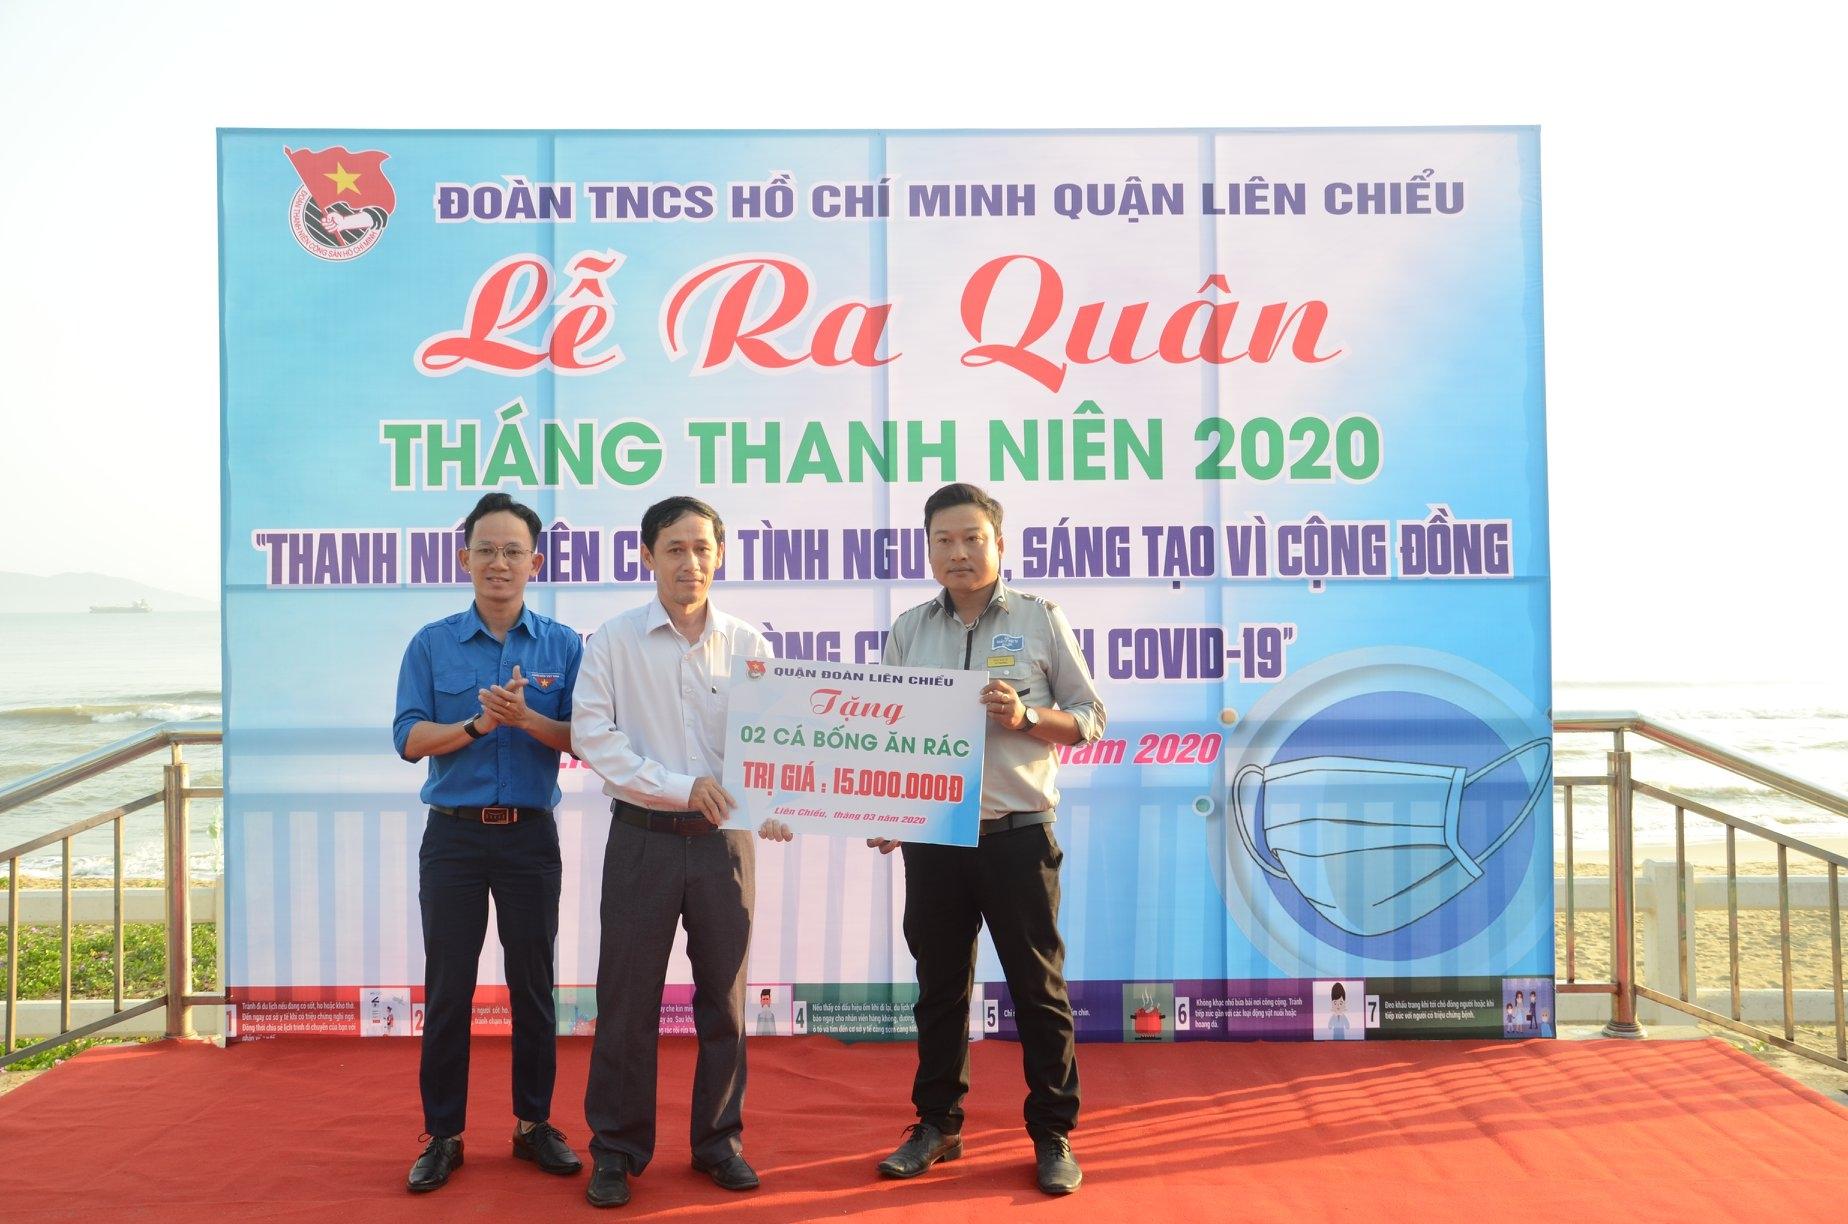 Quận Đoàn Liên Chiểu tổ chức Lễ ra quân Tháng thanh niên năm 2020